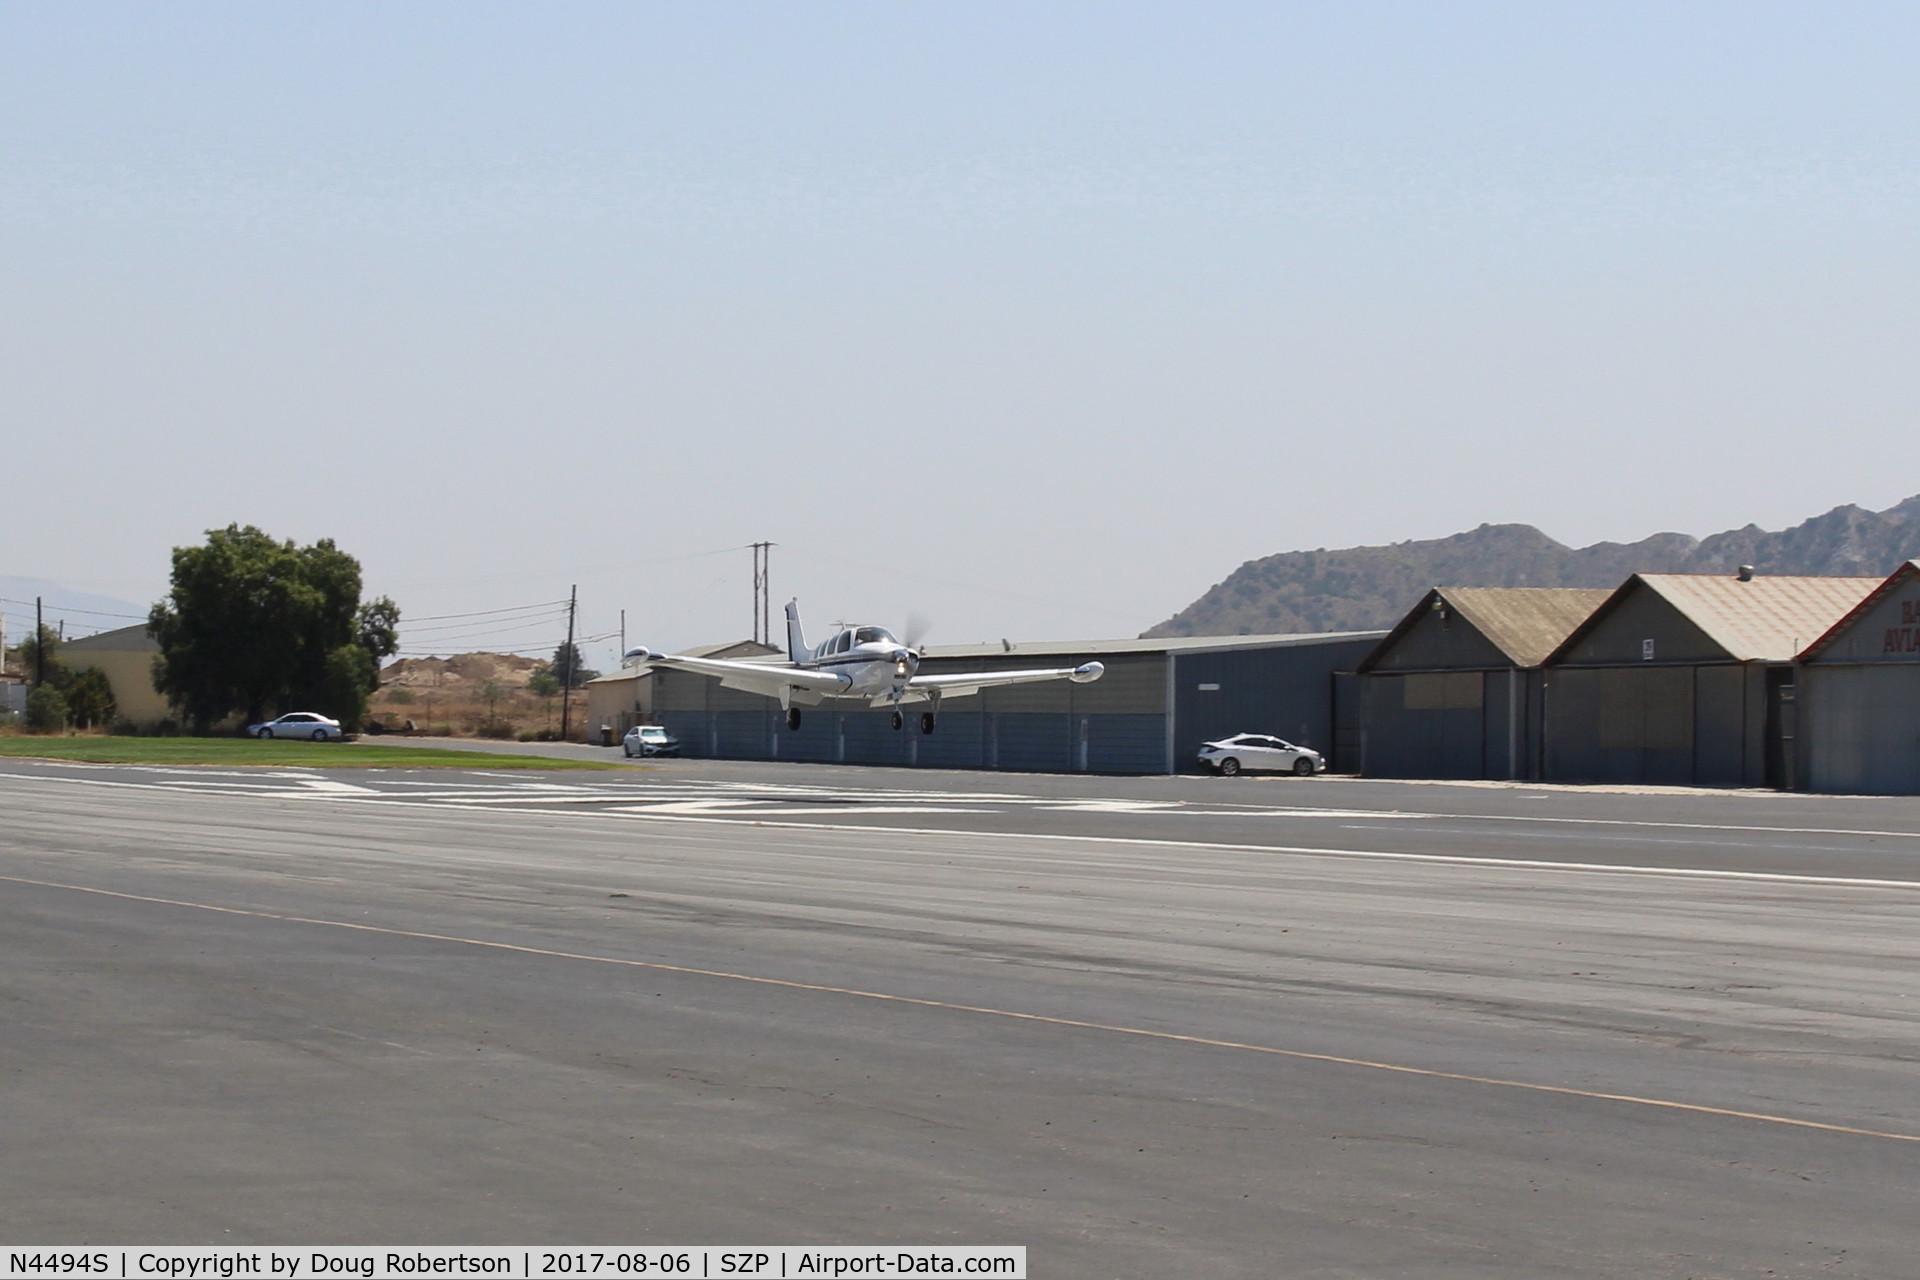 N4494S, 1975 Beech A36 Bonanza 36 C/N E-709, 1975 Beech A36 BONANZA, Continental IO-520 285 Hp, landing Rwy 22